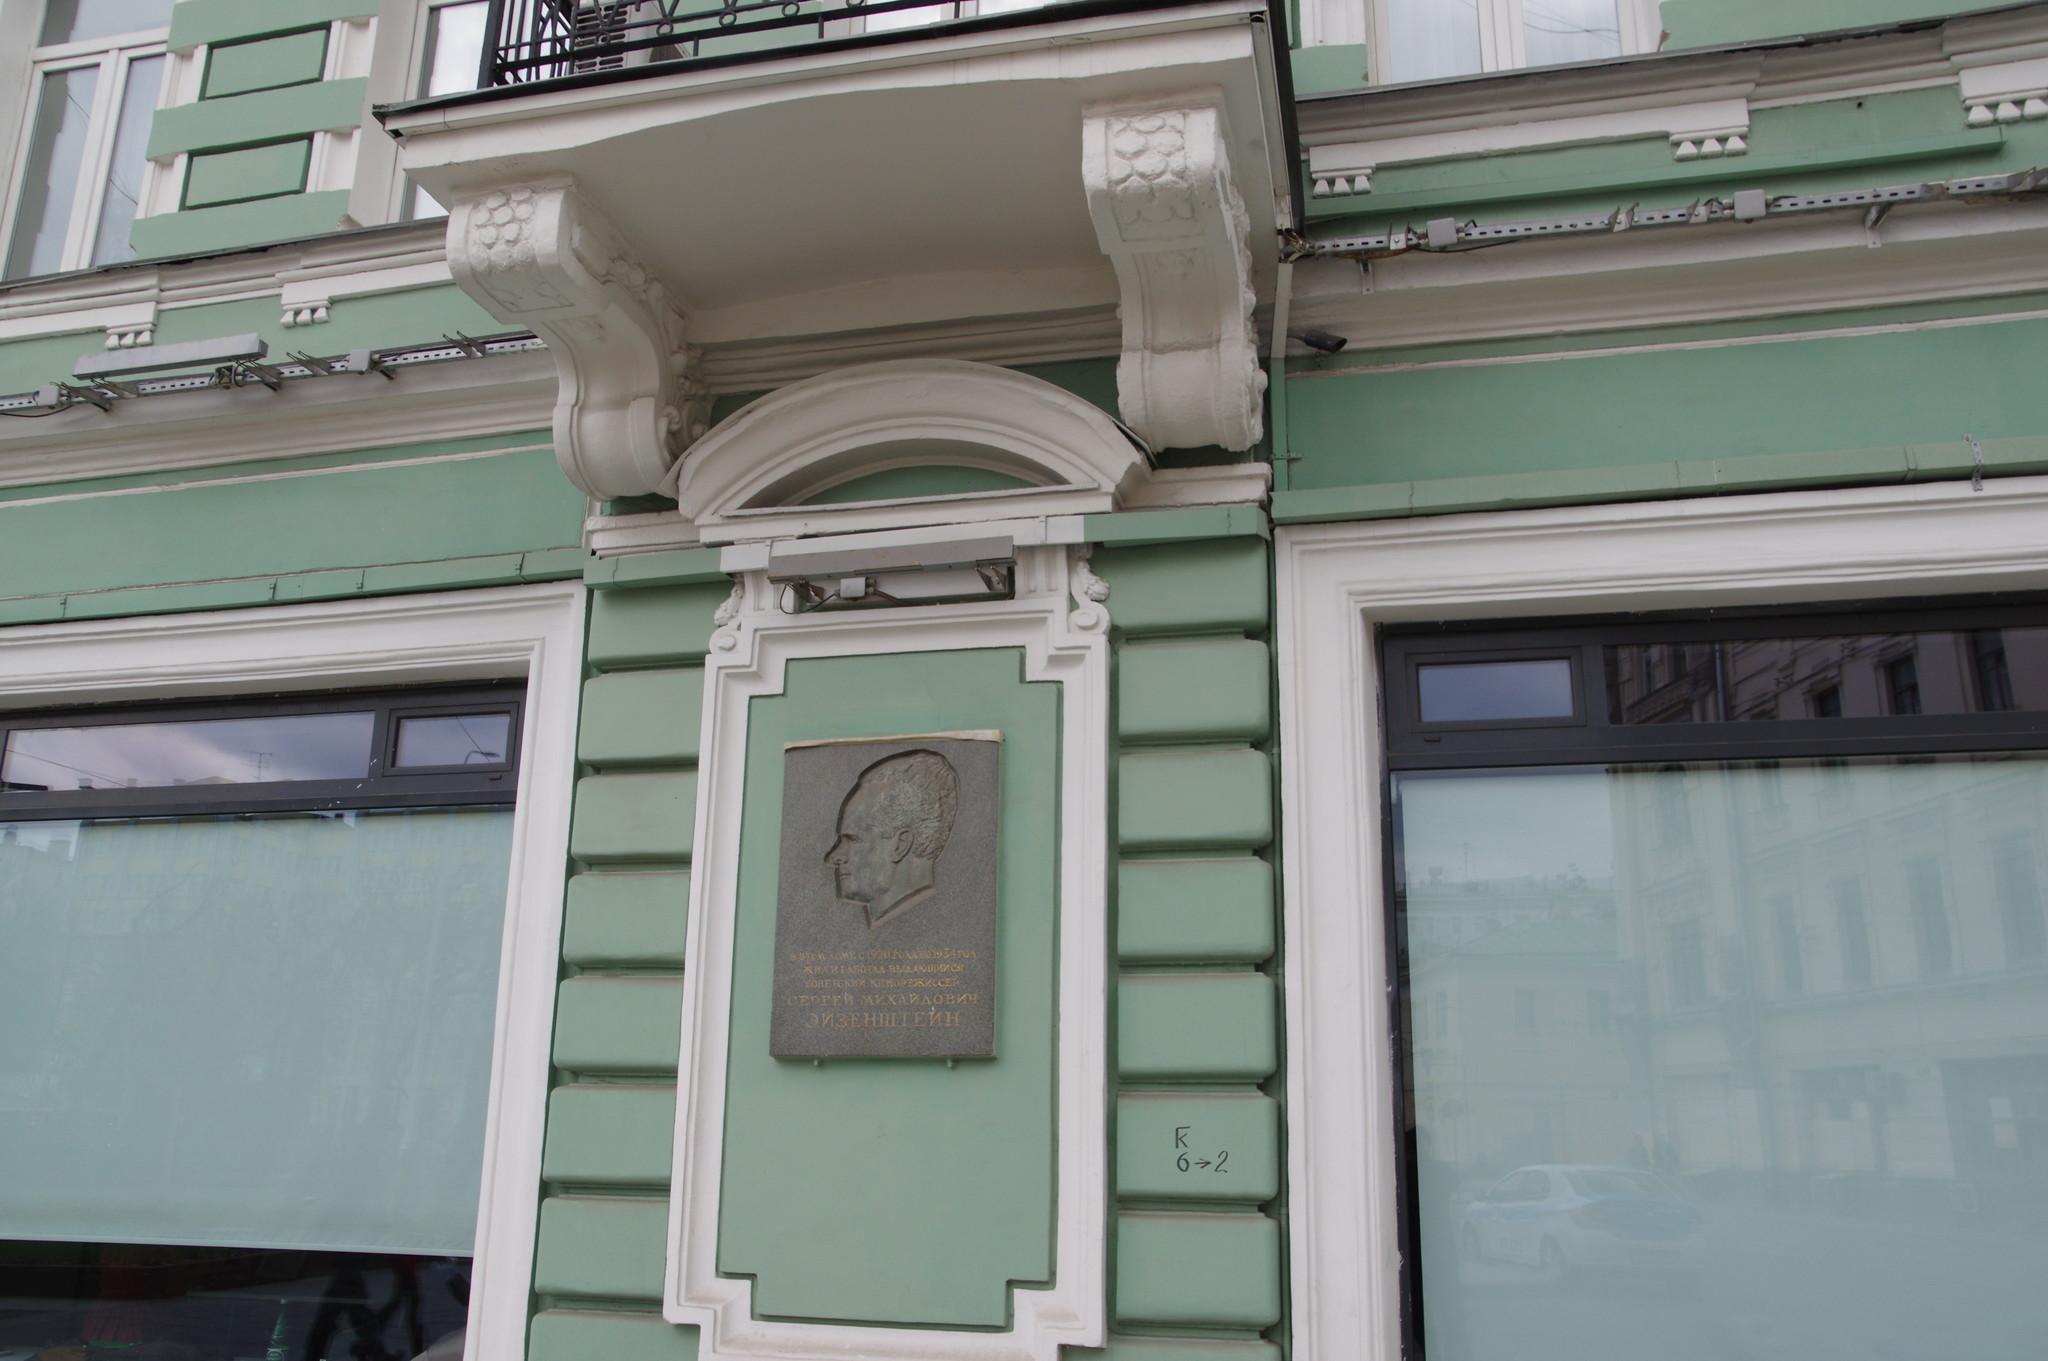 Мемориальная доска на фасаде дома (Чистопрудный бульвар, дом 23), где с 1920 года по 1934 год жил и работал Сергей Михайлович Эйзенштейн